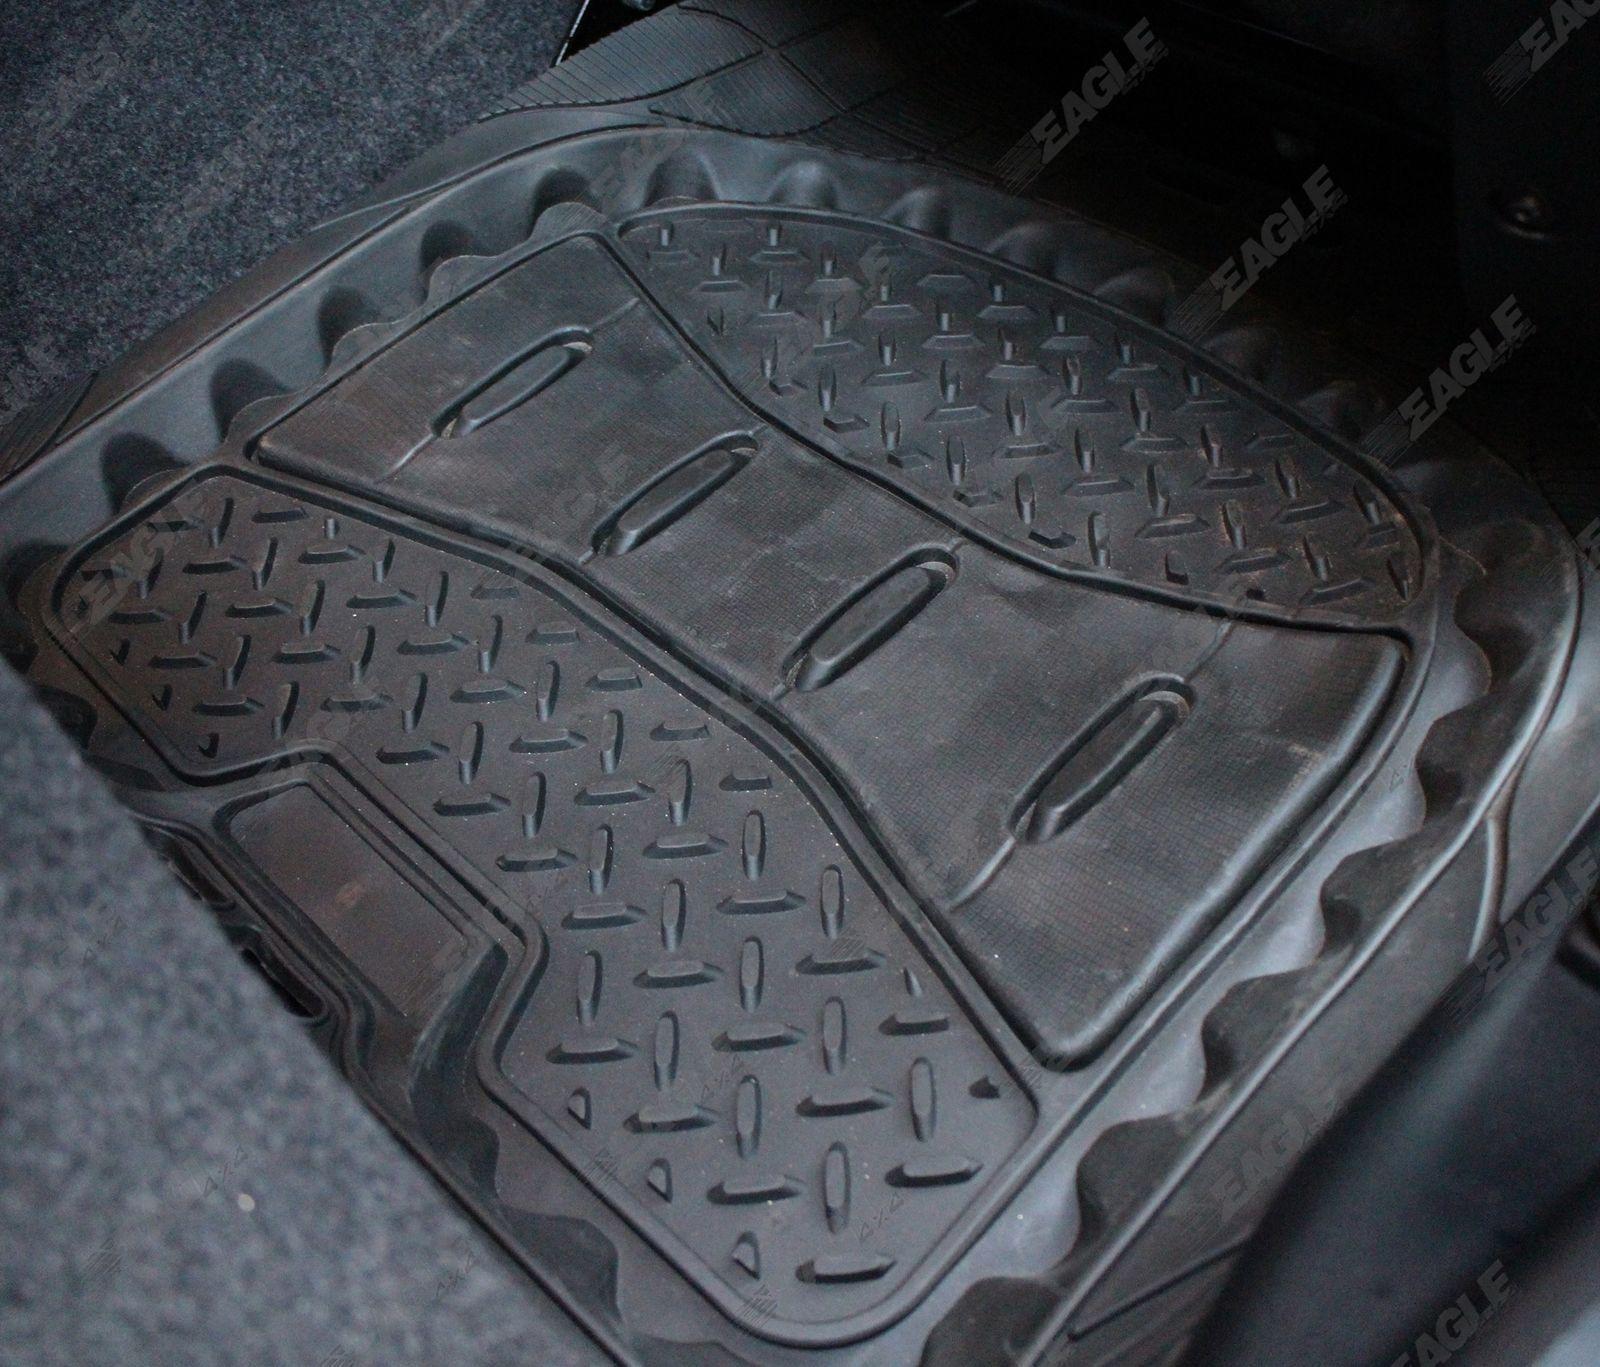 Floor mats nissan qashqai - Sentinel Nissan Qashqai Rubber Floor Mats 2 Year Heal Pad Wear Guarantee